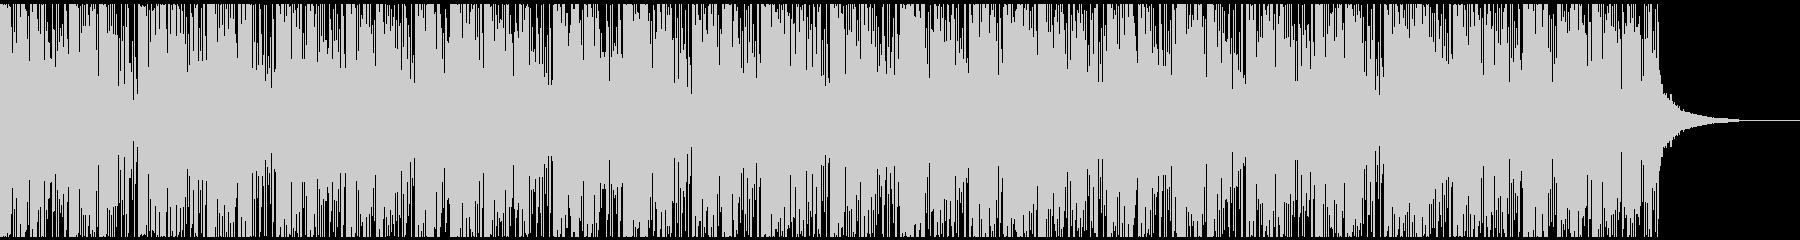 スタイリッシュなクリスタルの洞窟ショートの未再生の波形